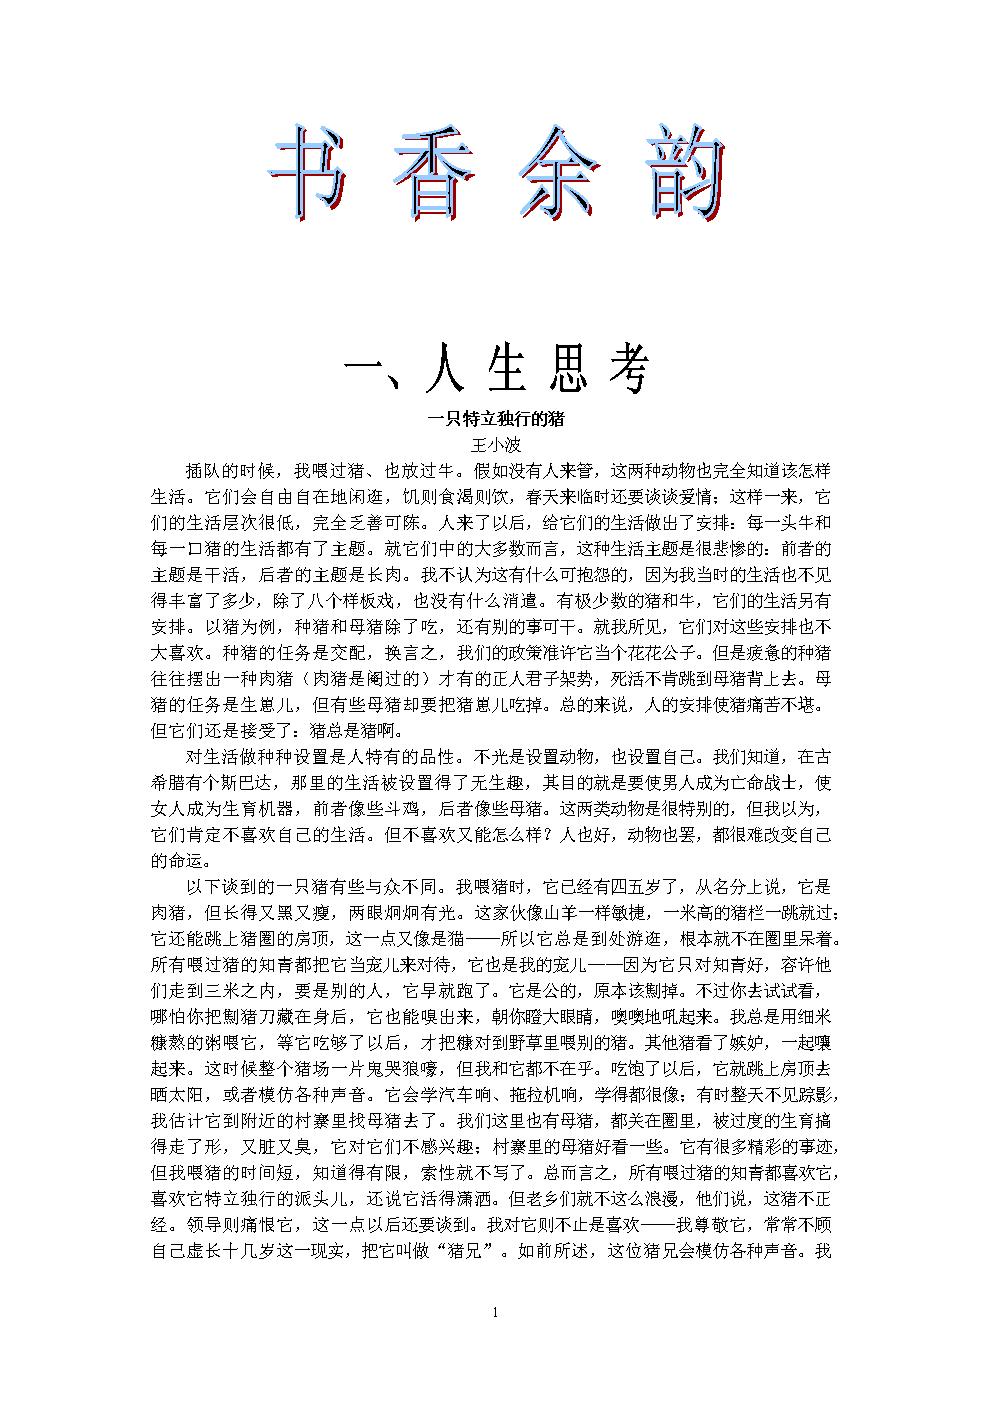 高二语文手抄报.doc图片